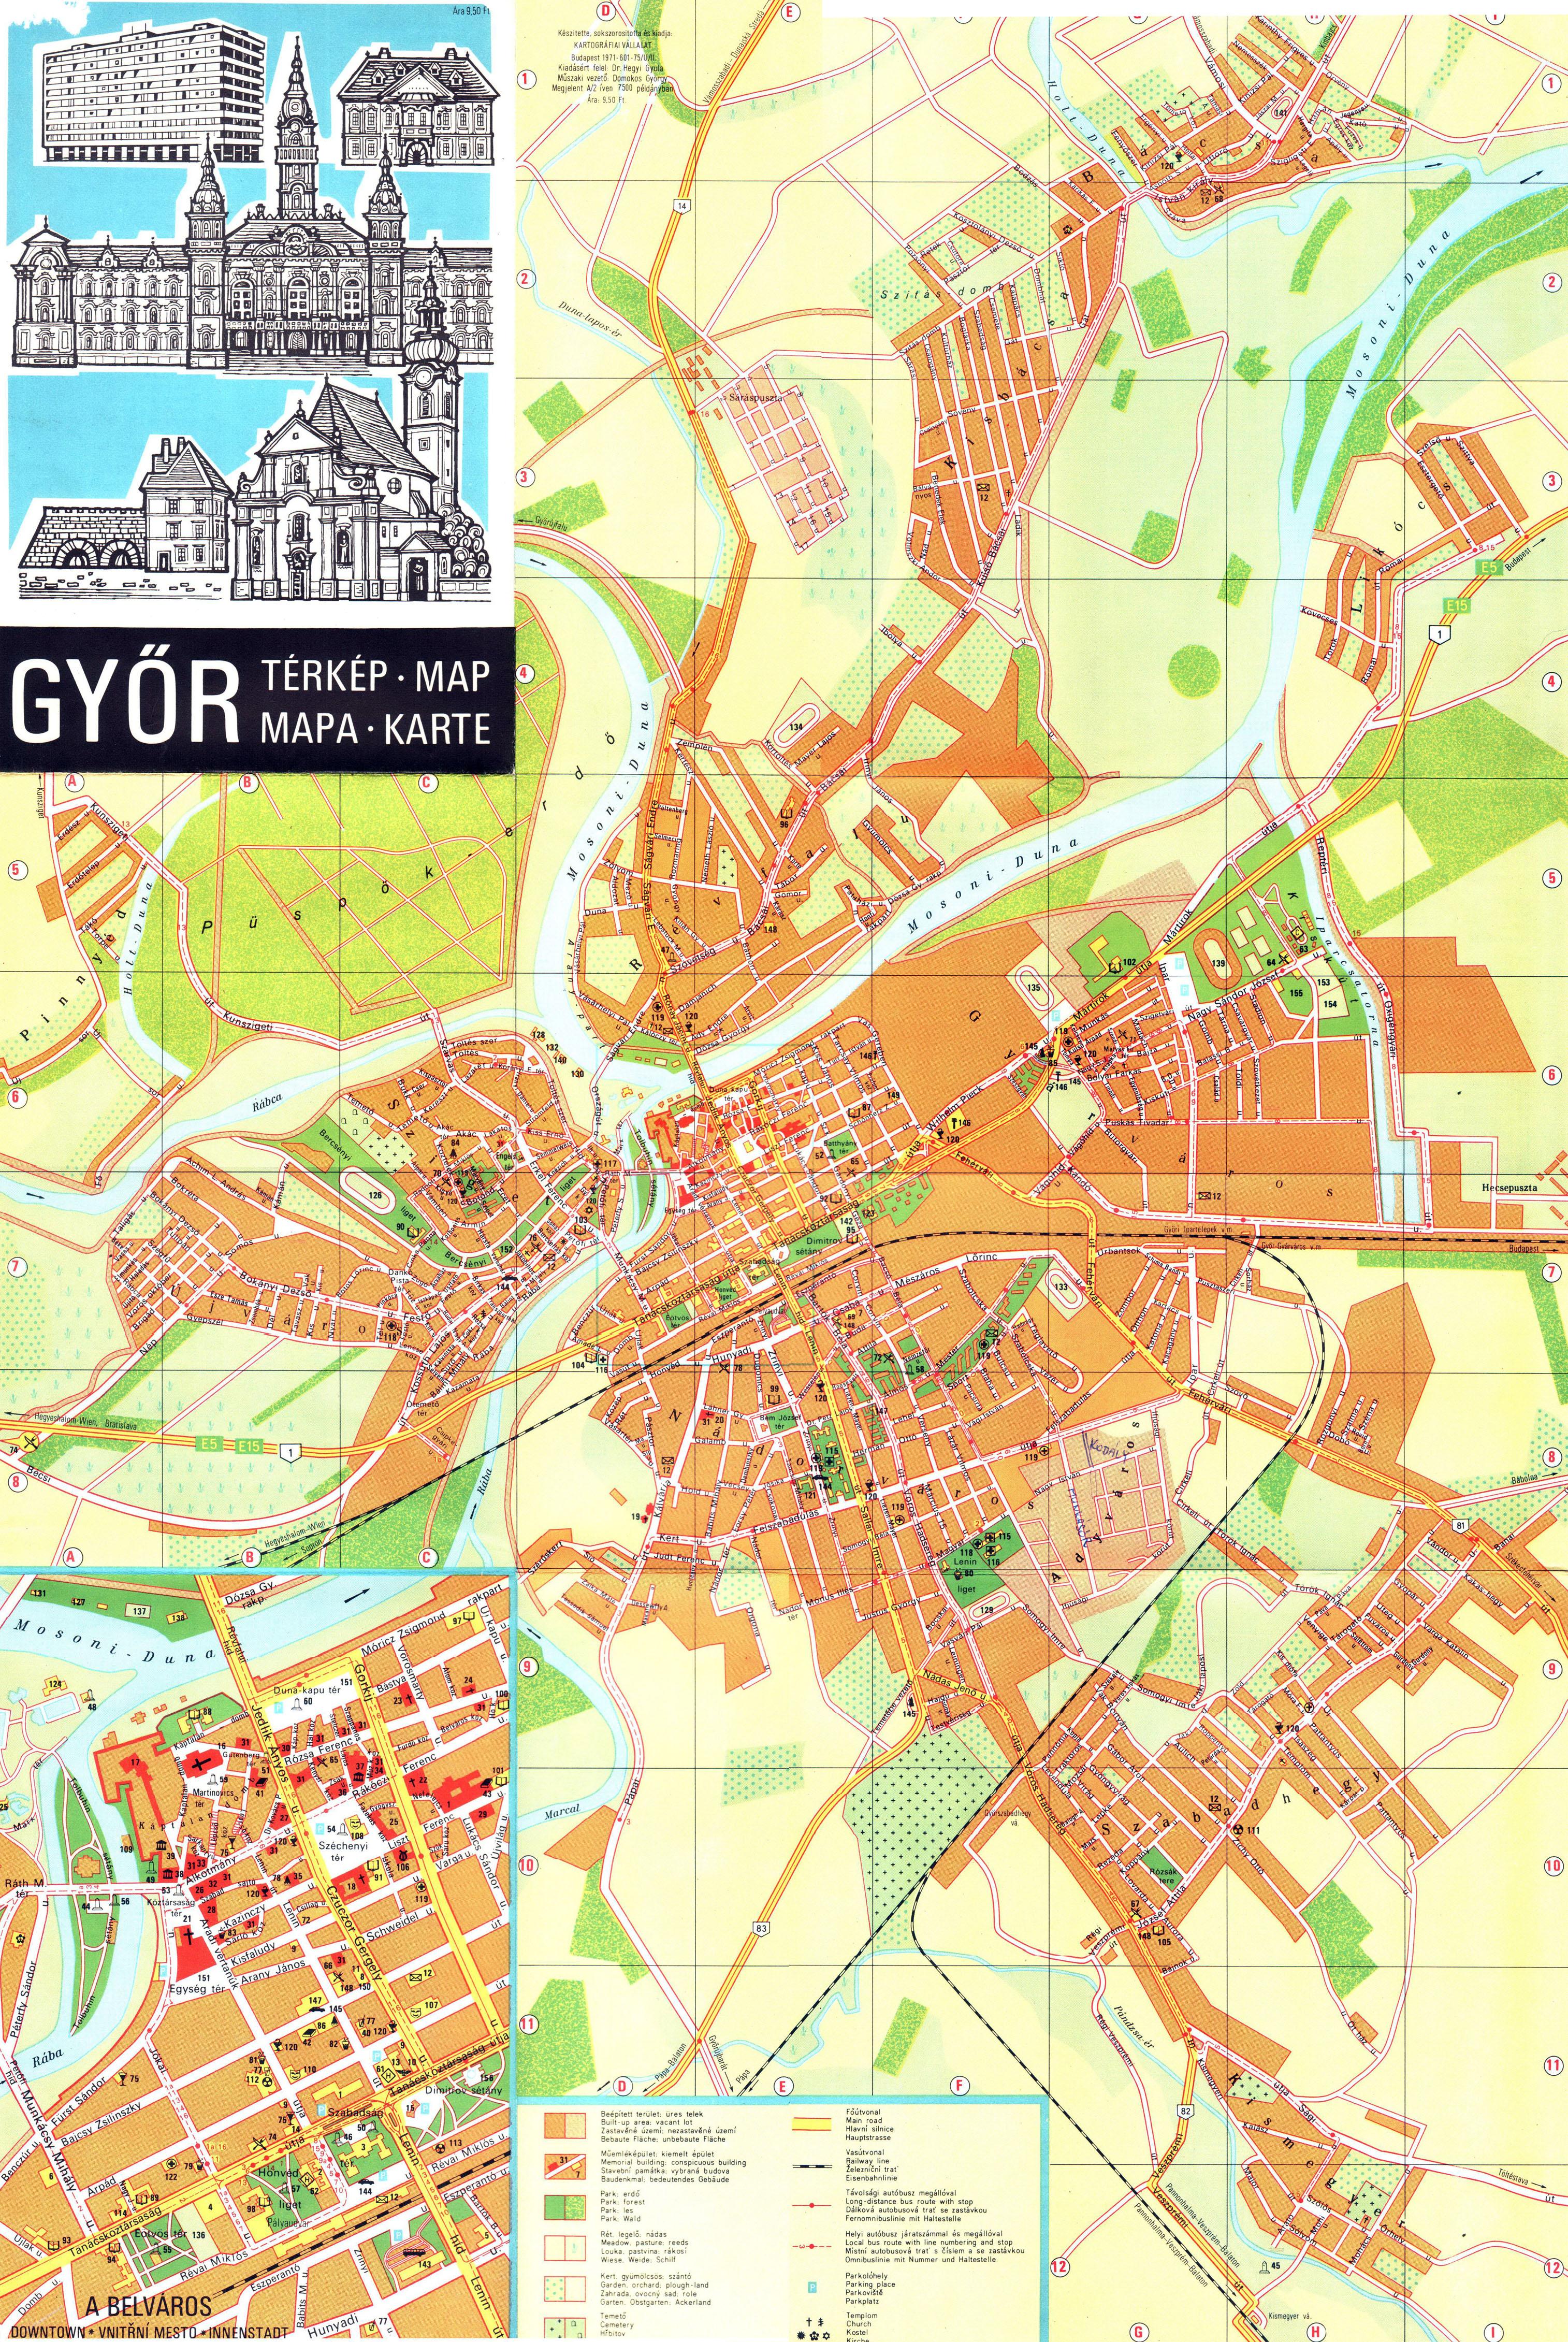 térkép győr 1971 (Kartográfia térkép) térkép győr